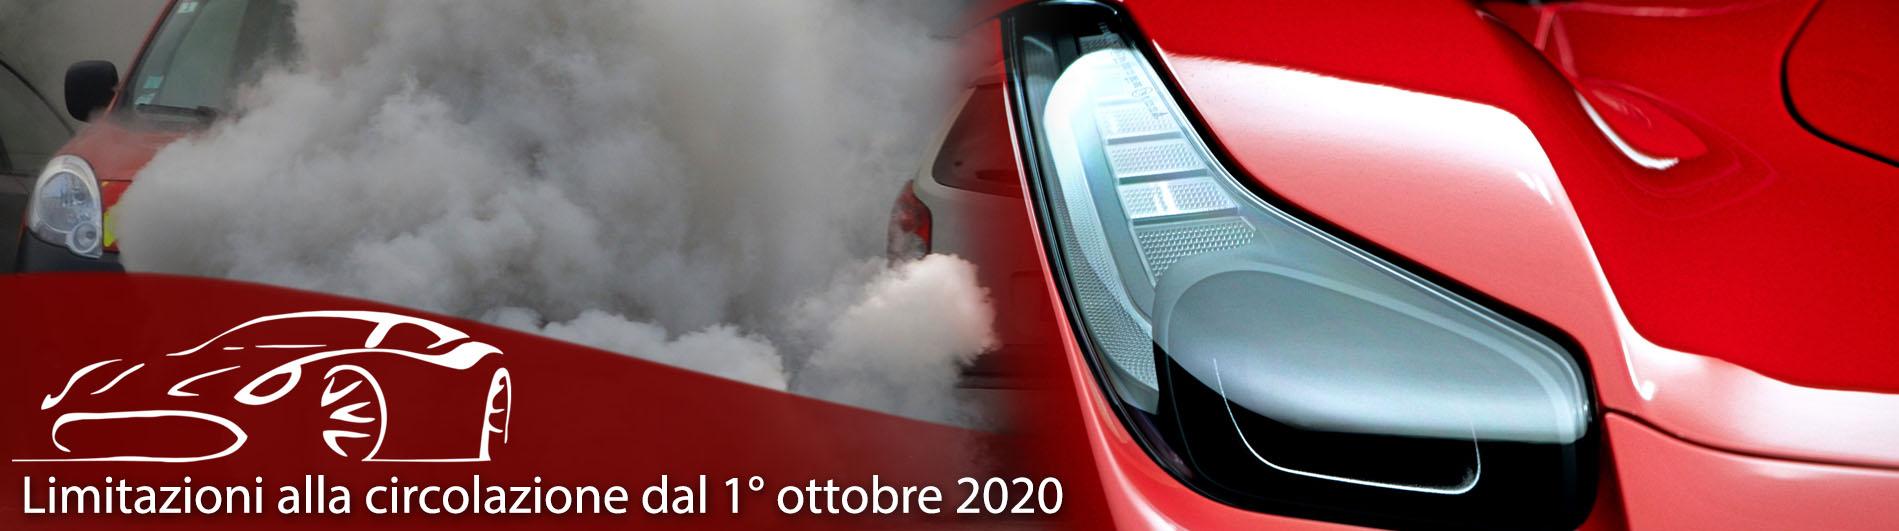 Limitazioni alla circolazione dal 1° ottobre 2020 - Carrozzeria Ventimiglia, Torino